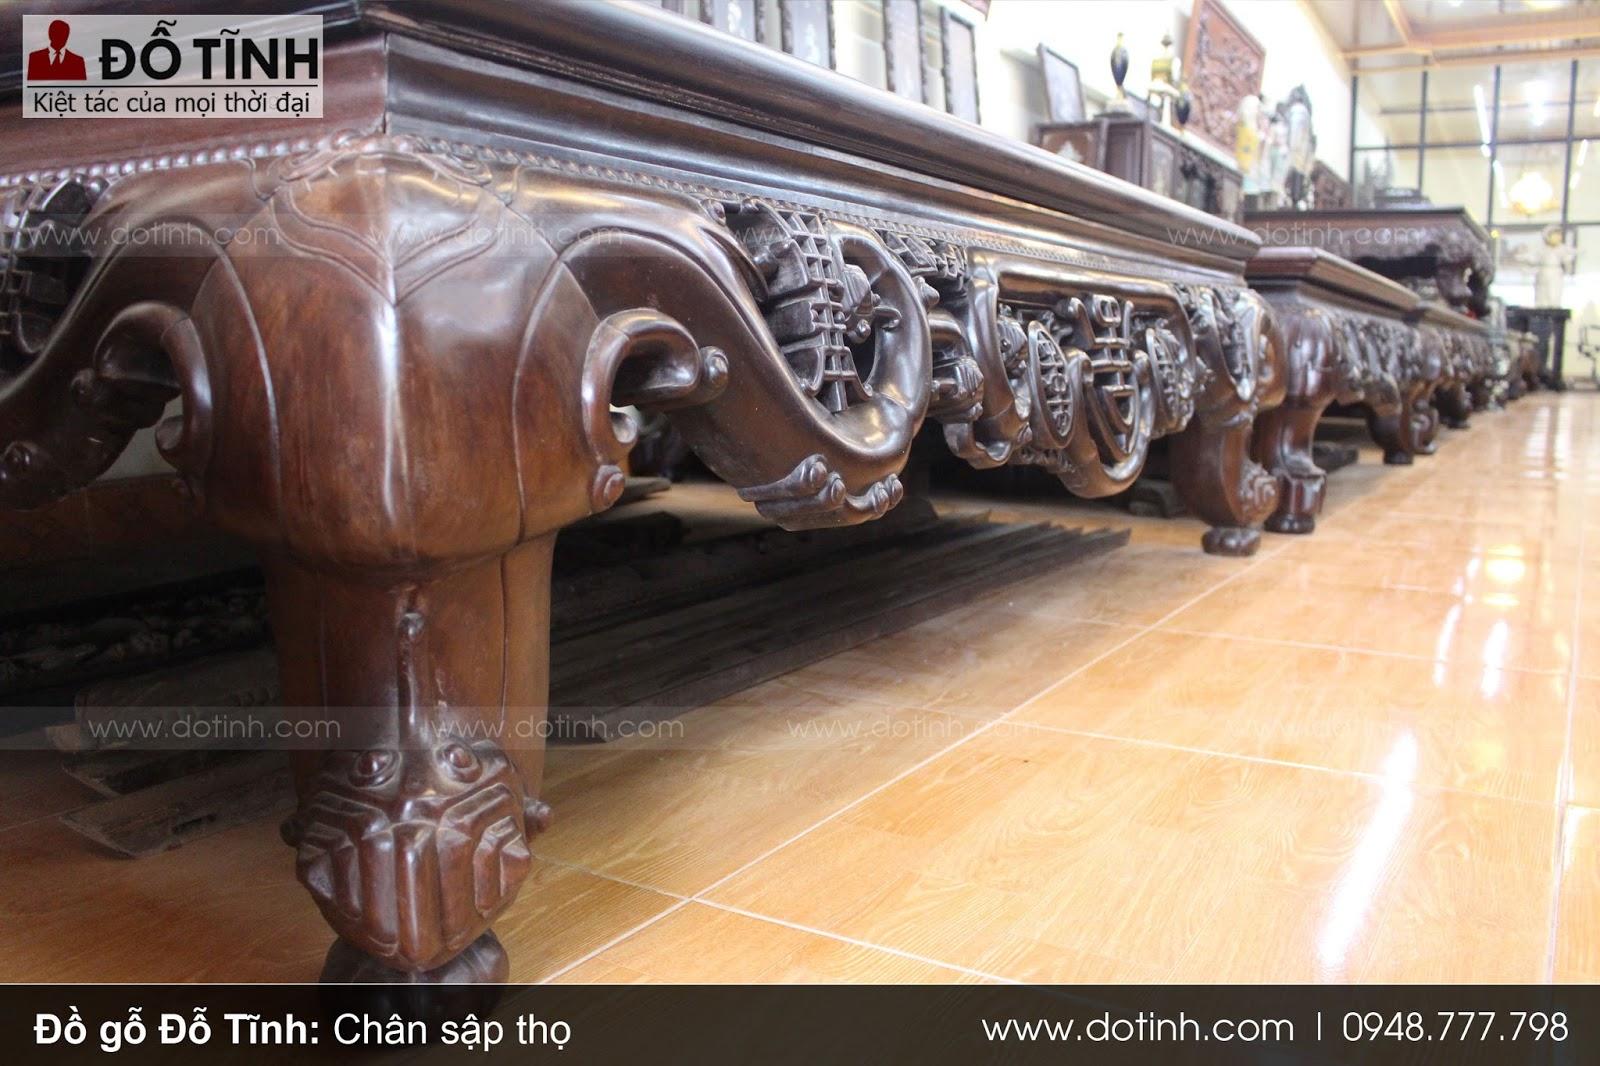 Tổng hợp mẫu chân sập gỗ đẹp được nhiều người yêu thích